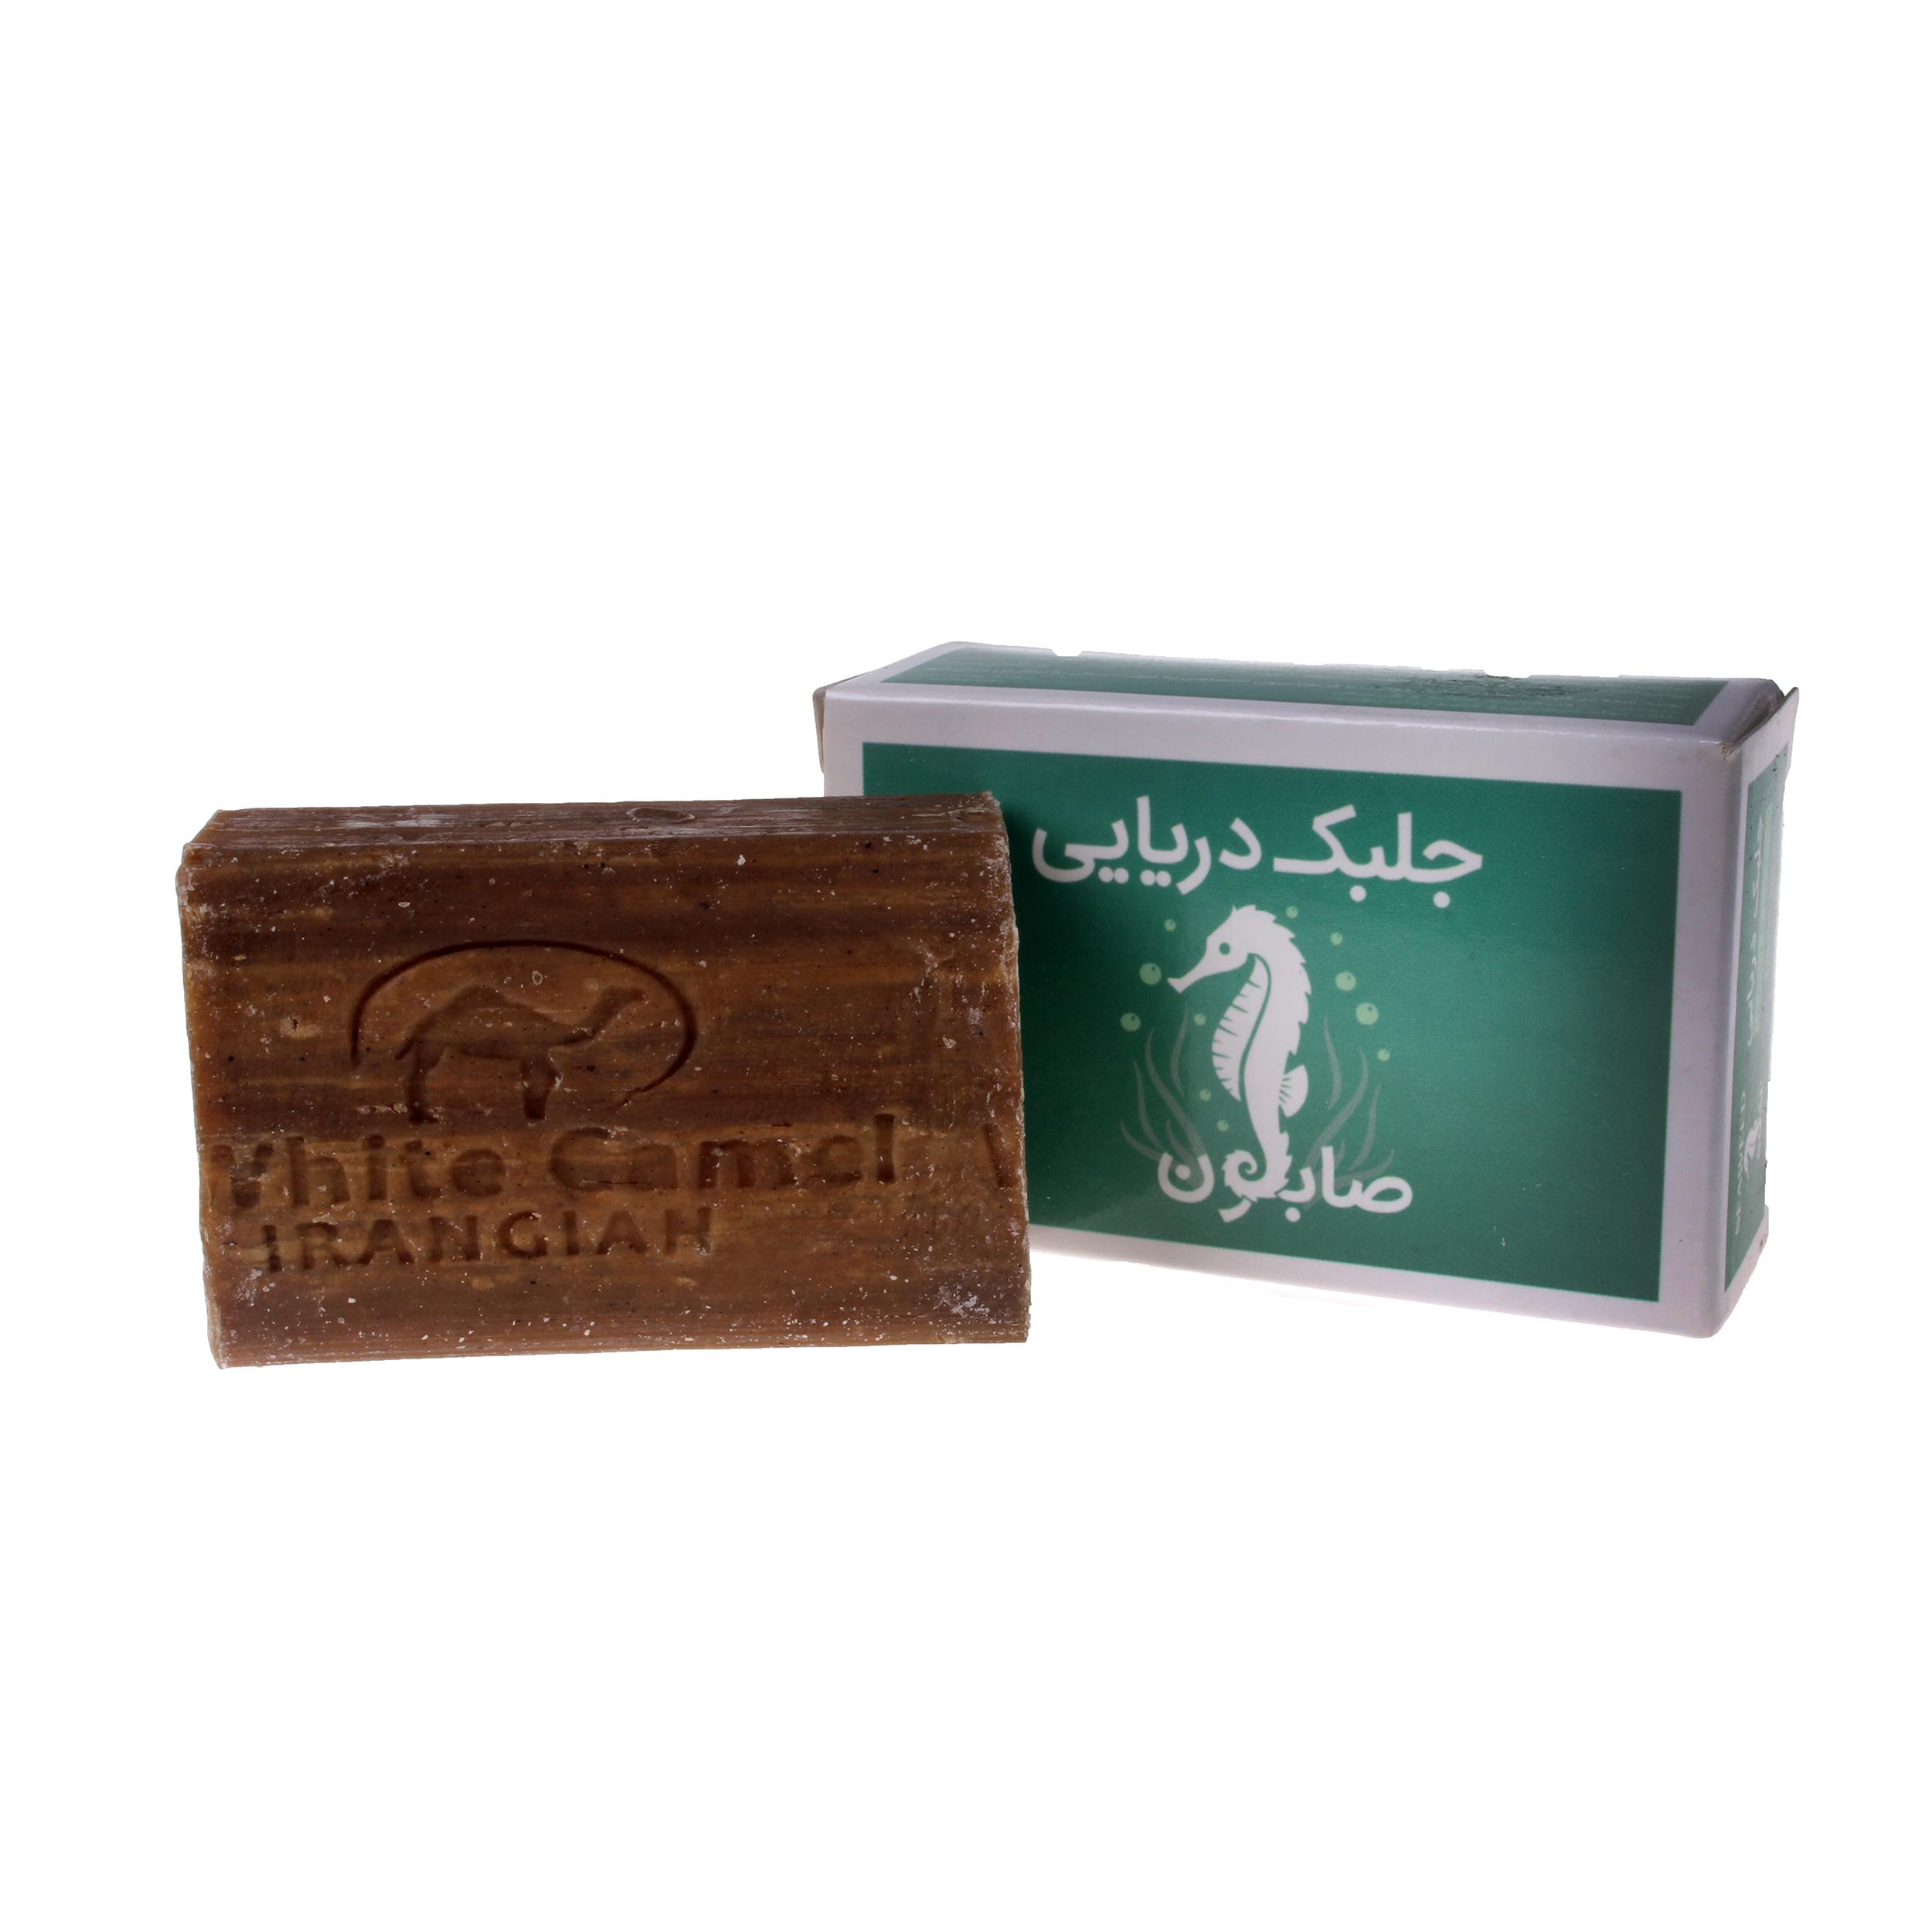 صابون شستشو ایران گیاه مدل جلبک وزن 100 گرم